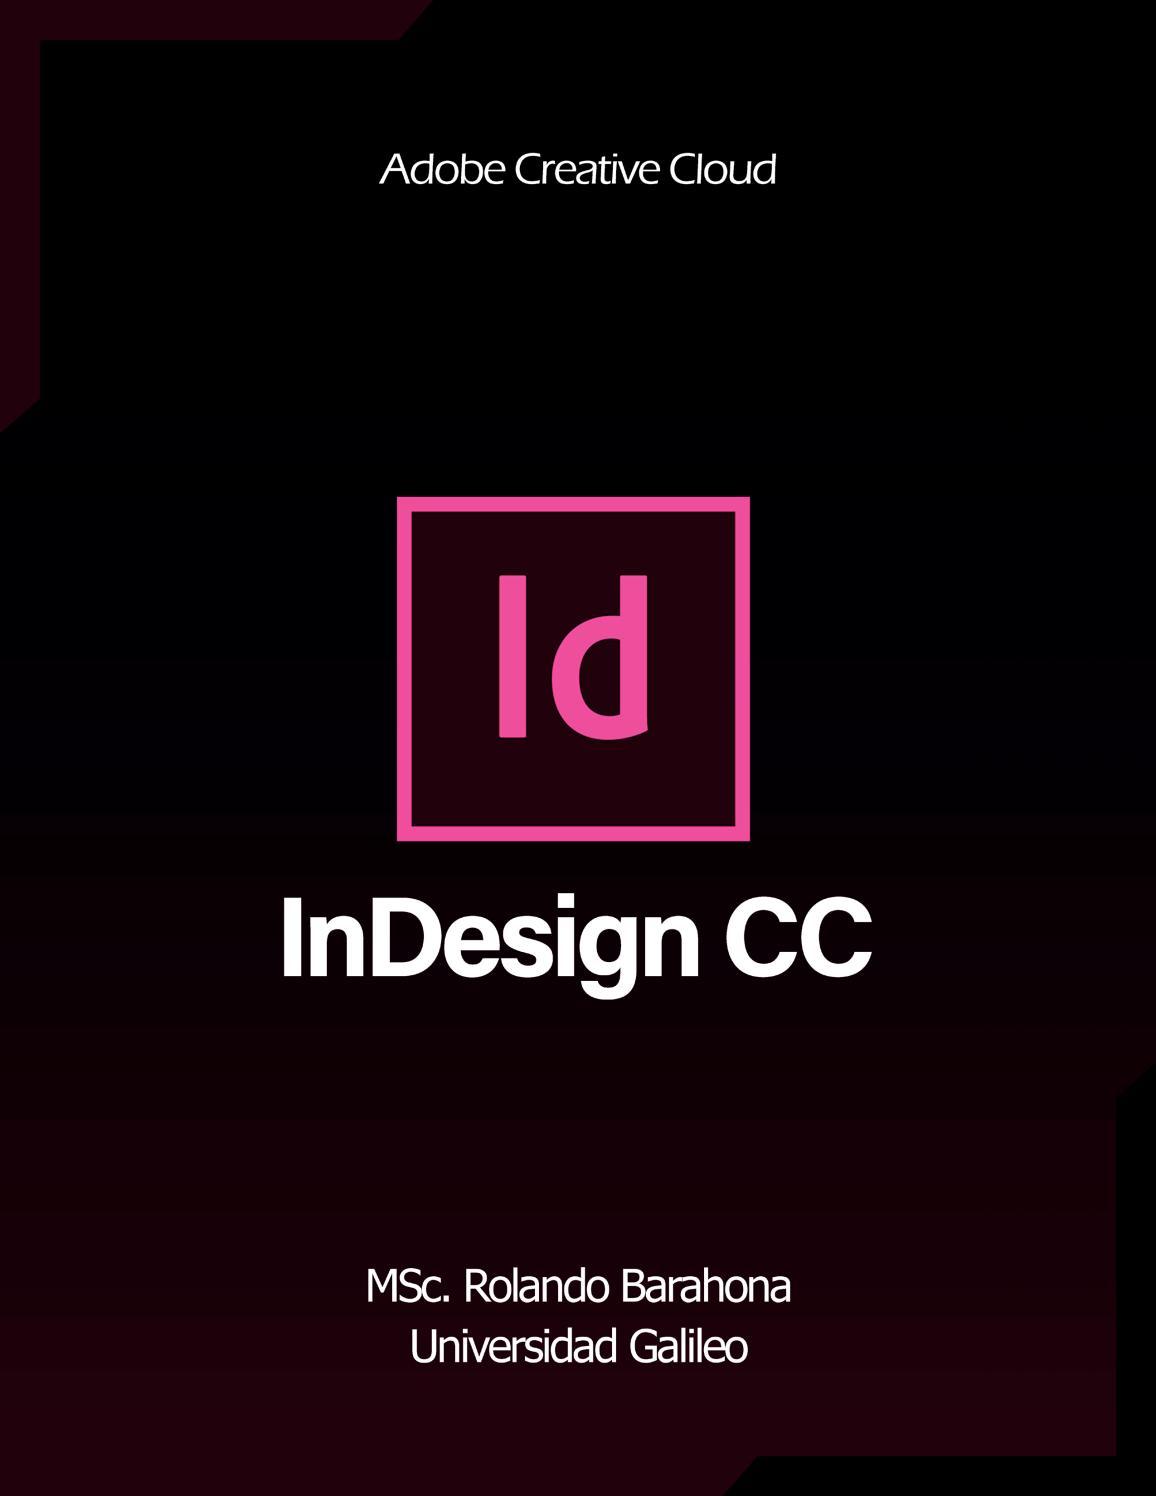 Proyecto final - Adobe InDesign by Gustavo Alvarez - issuu